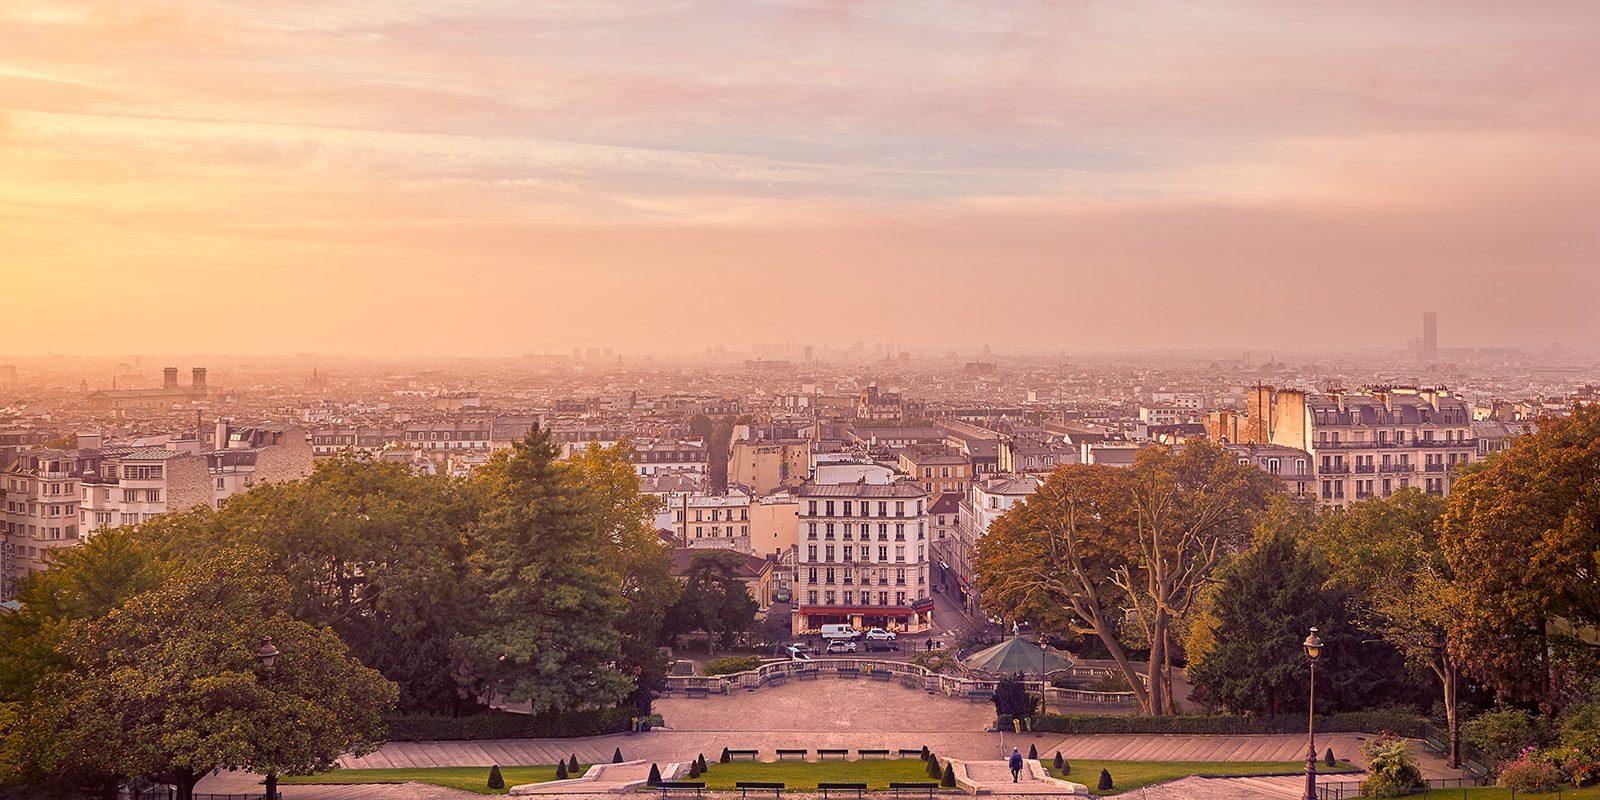 Morgenstemning i Montmartre av Peder Aaserud Eikeland